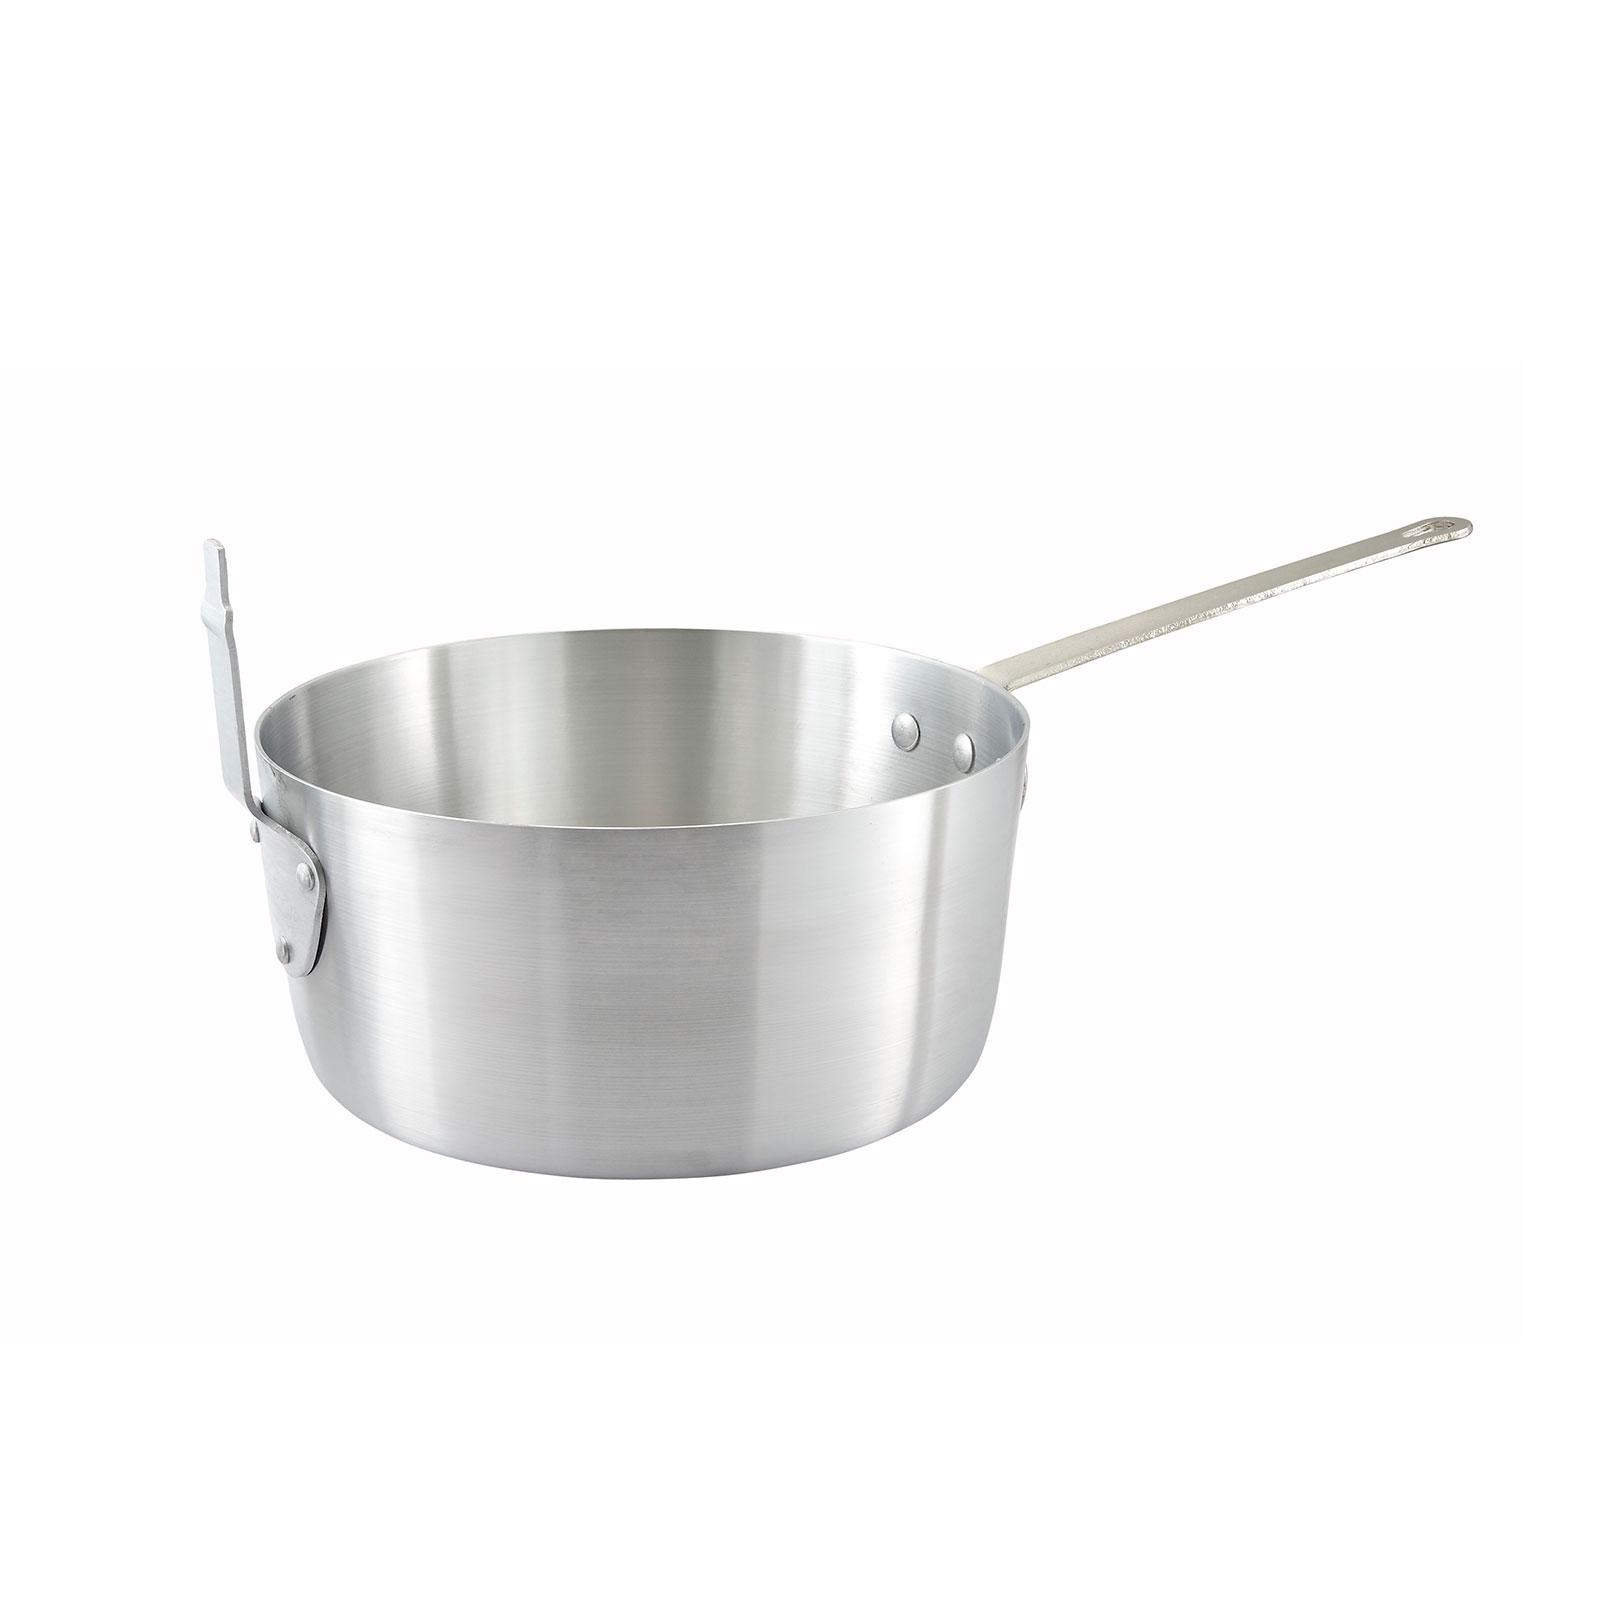 Winco ALSP-10 sauce pan